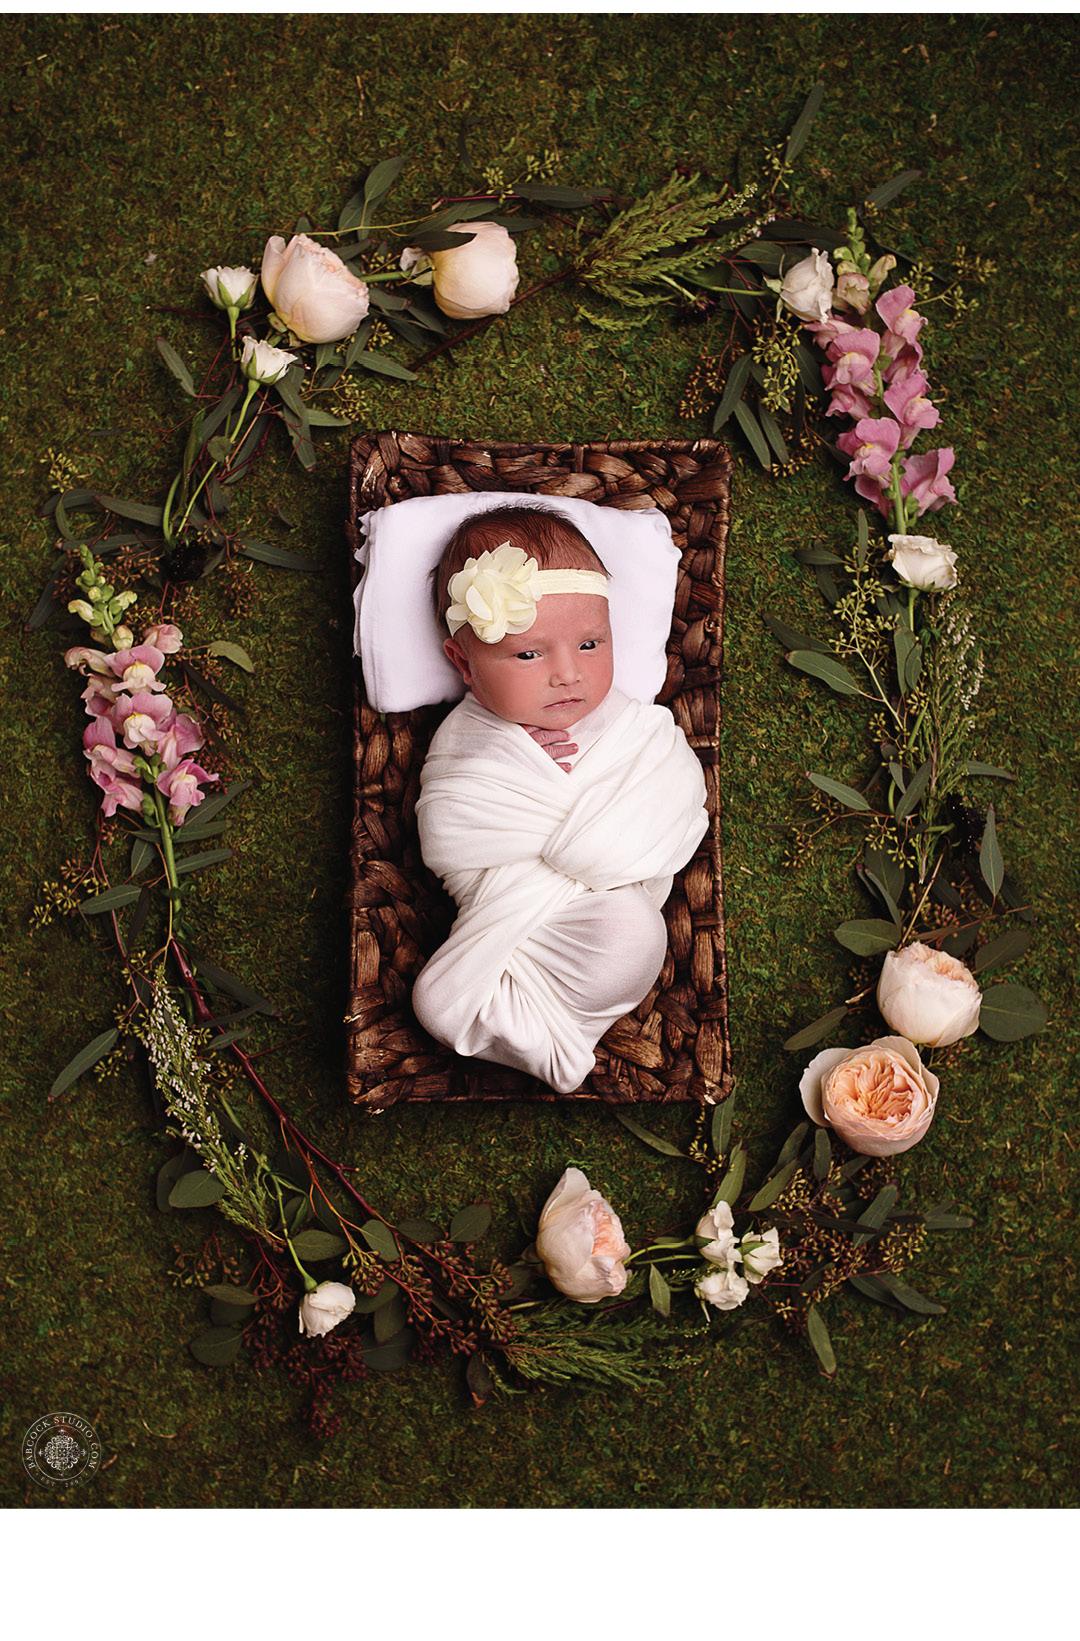 kramer-dayton-children-newborn-family-photographer-6.jpg